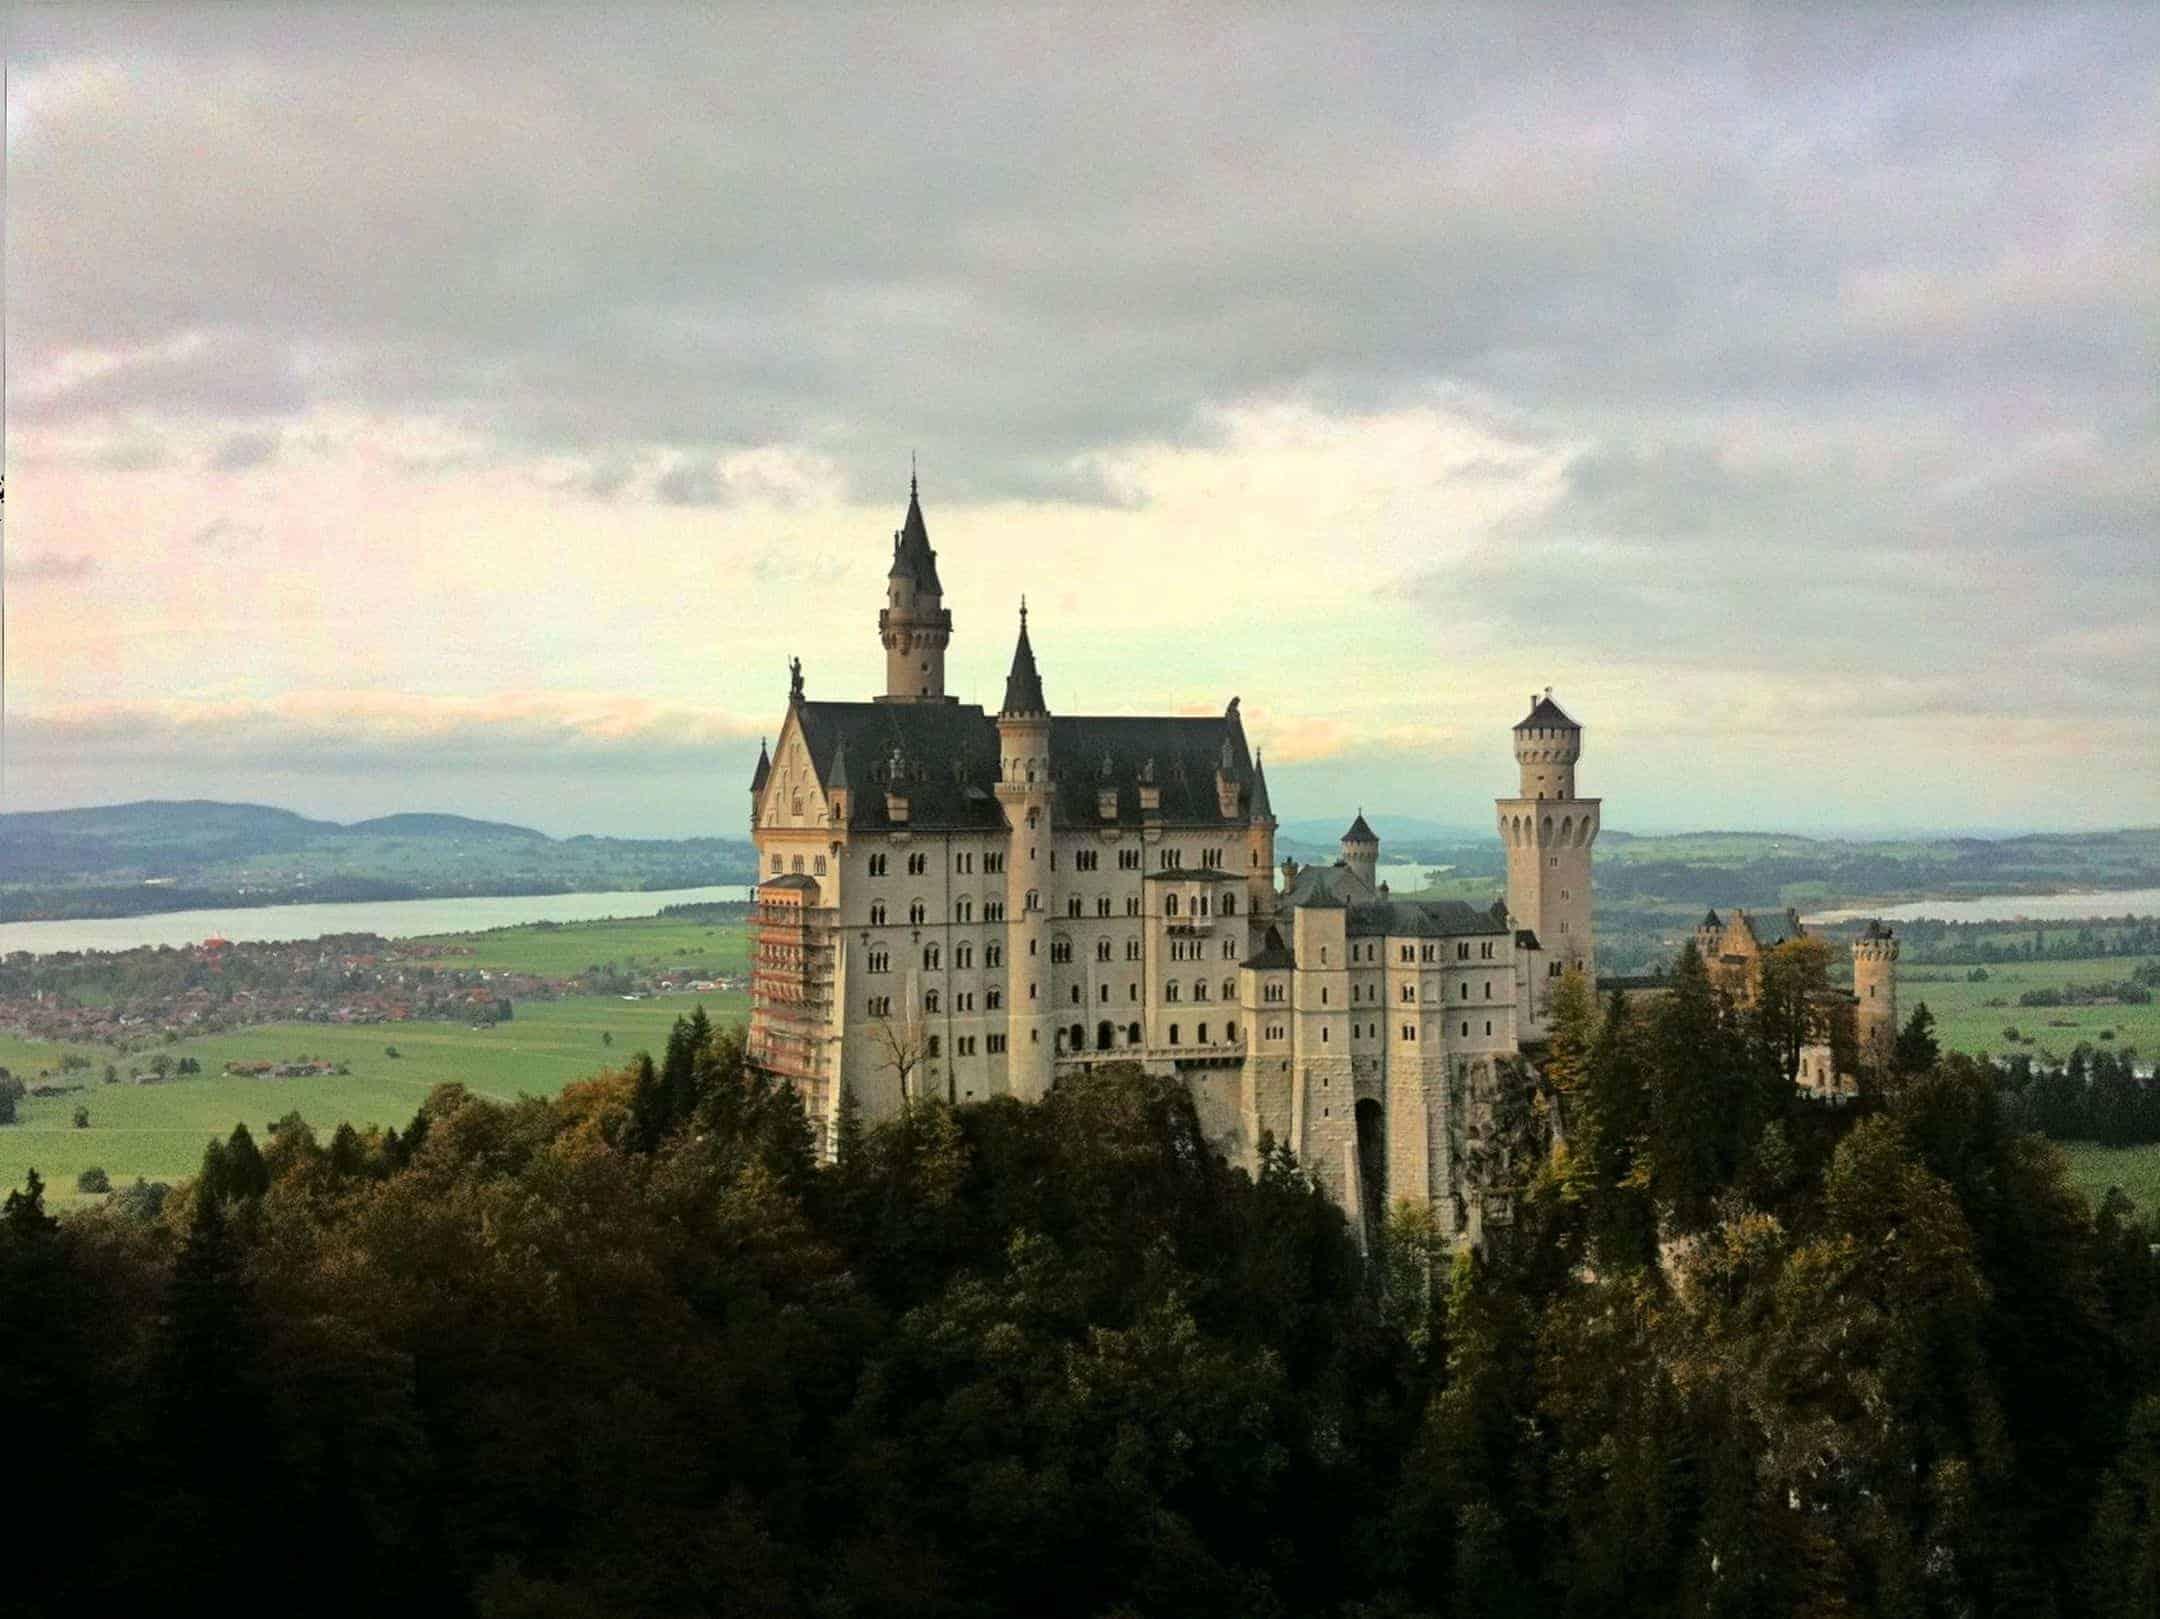 Füssen /  Schloss Neuschwanstein (2011)